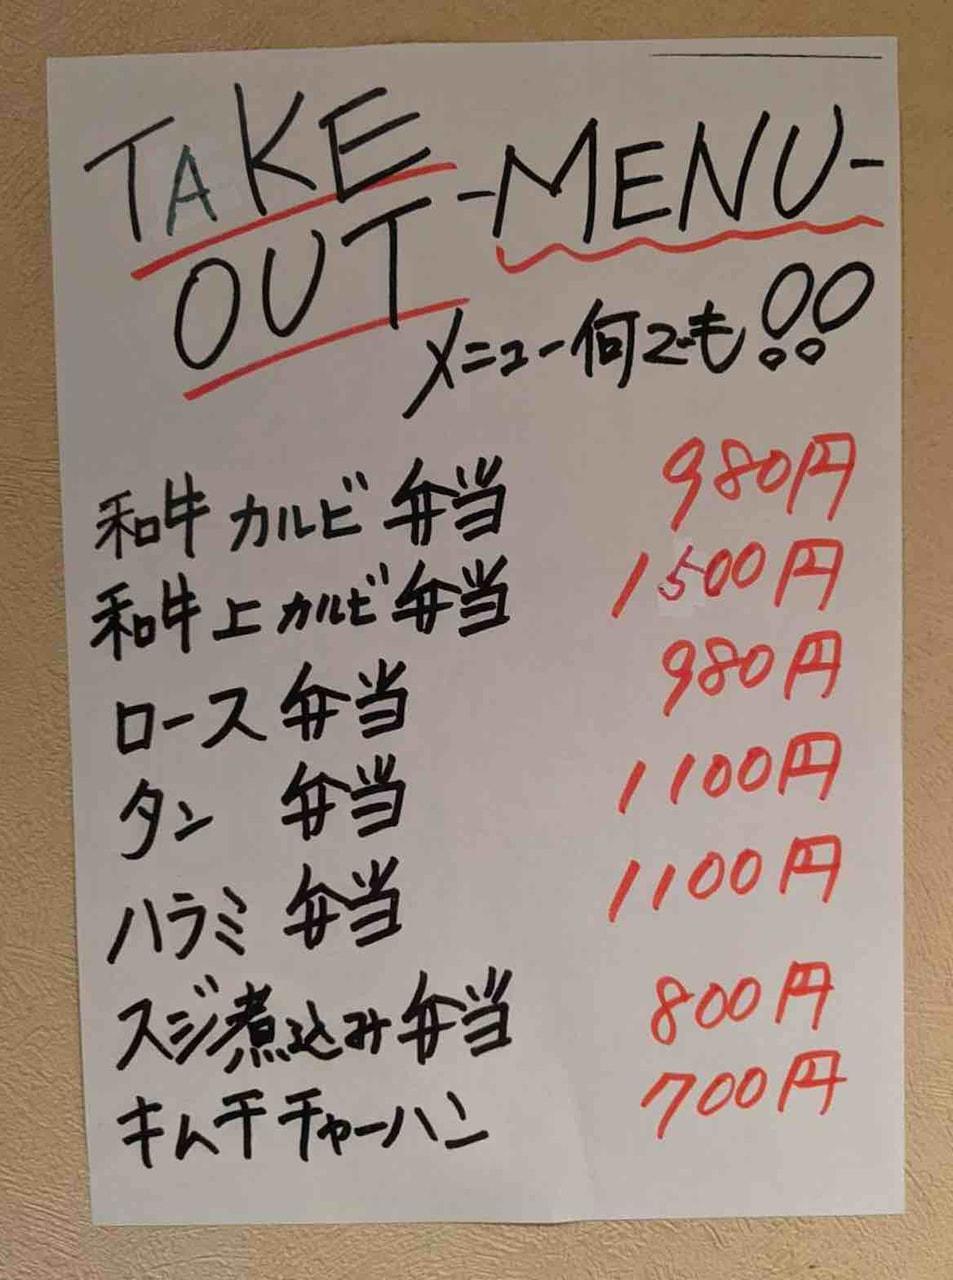 焼肉 明成館 駅前店(和光市)のテイクアウトできるお弁当